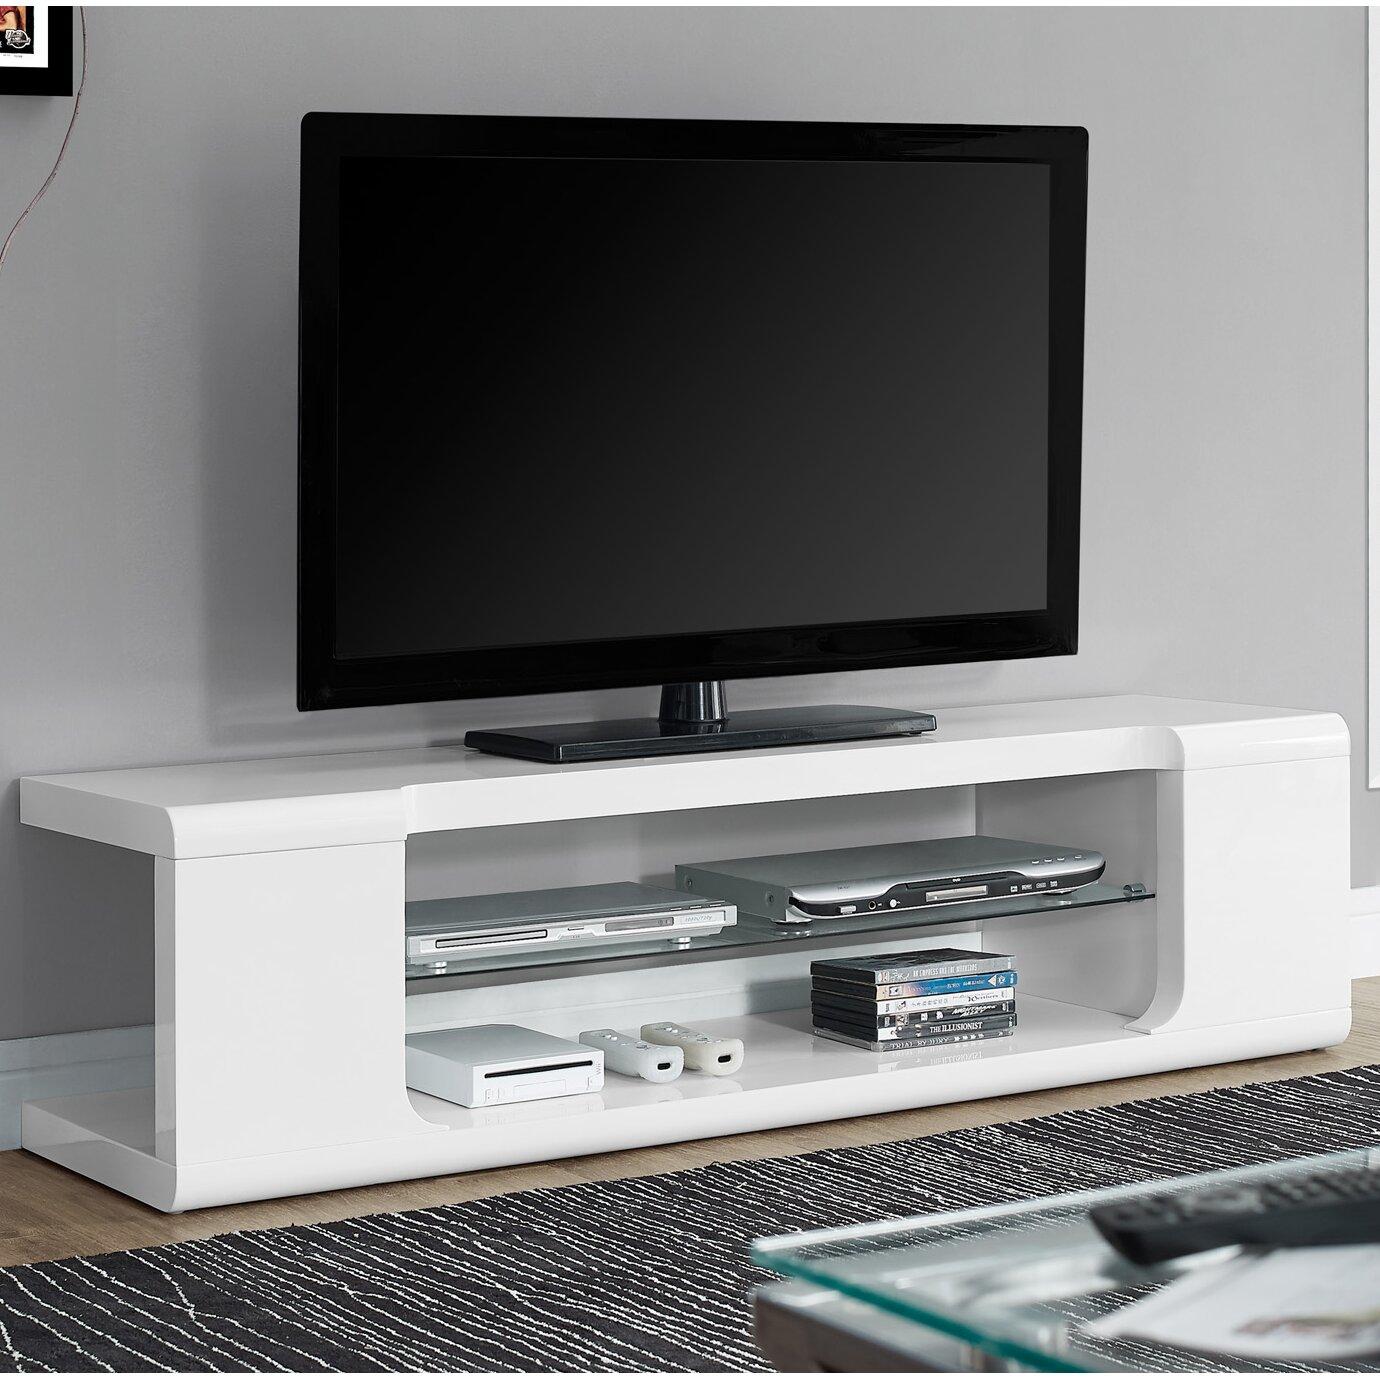 Modern TV Stand. Monarch Specialties Inc  Modern TV Stand   Reviews   Wayfair